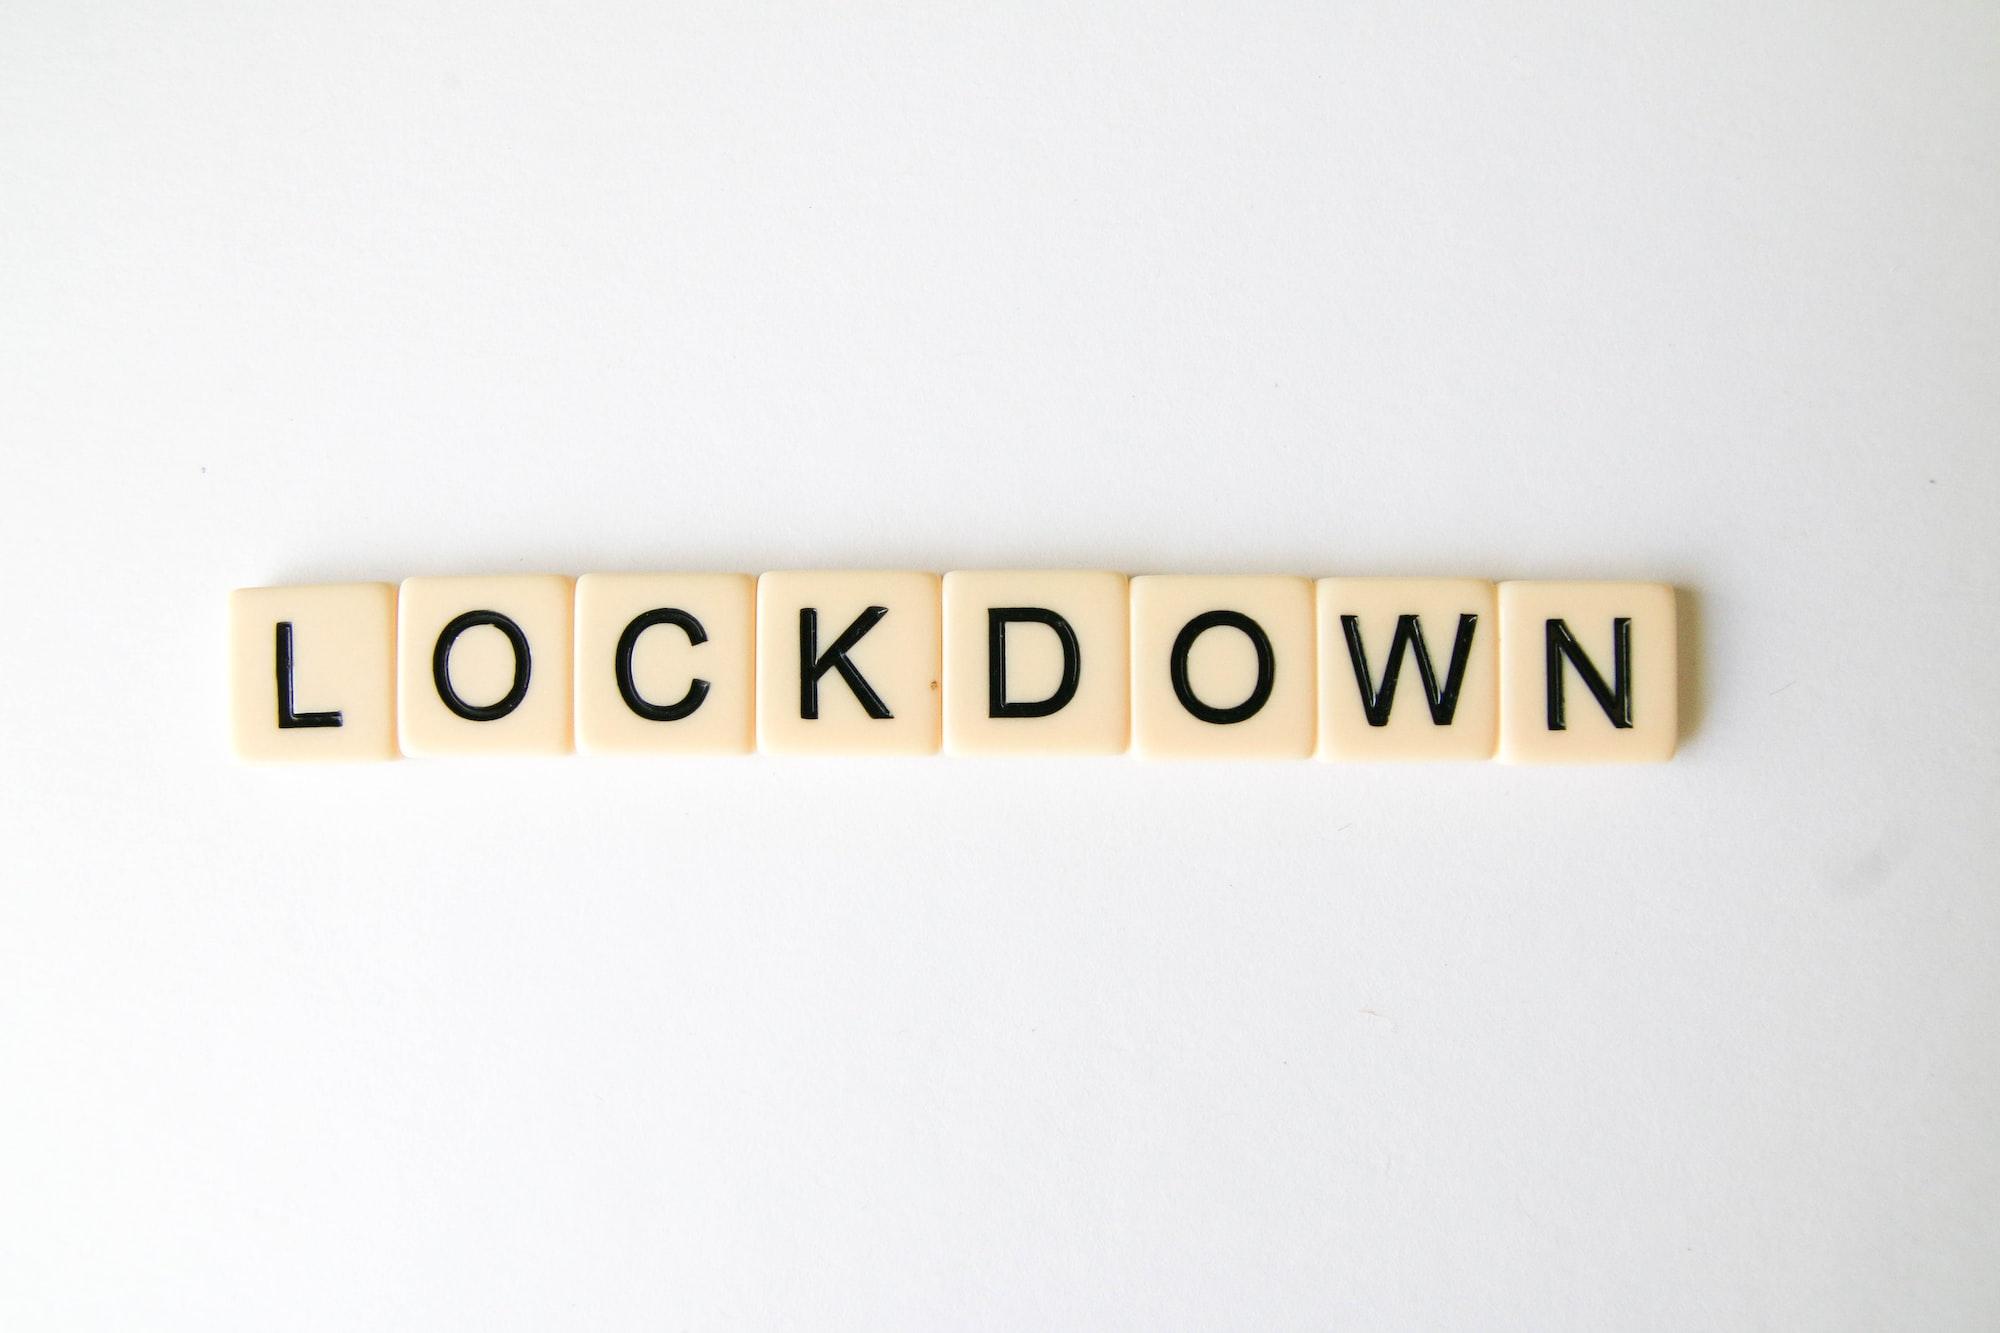 Lockdown Effects